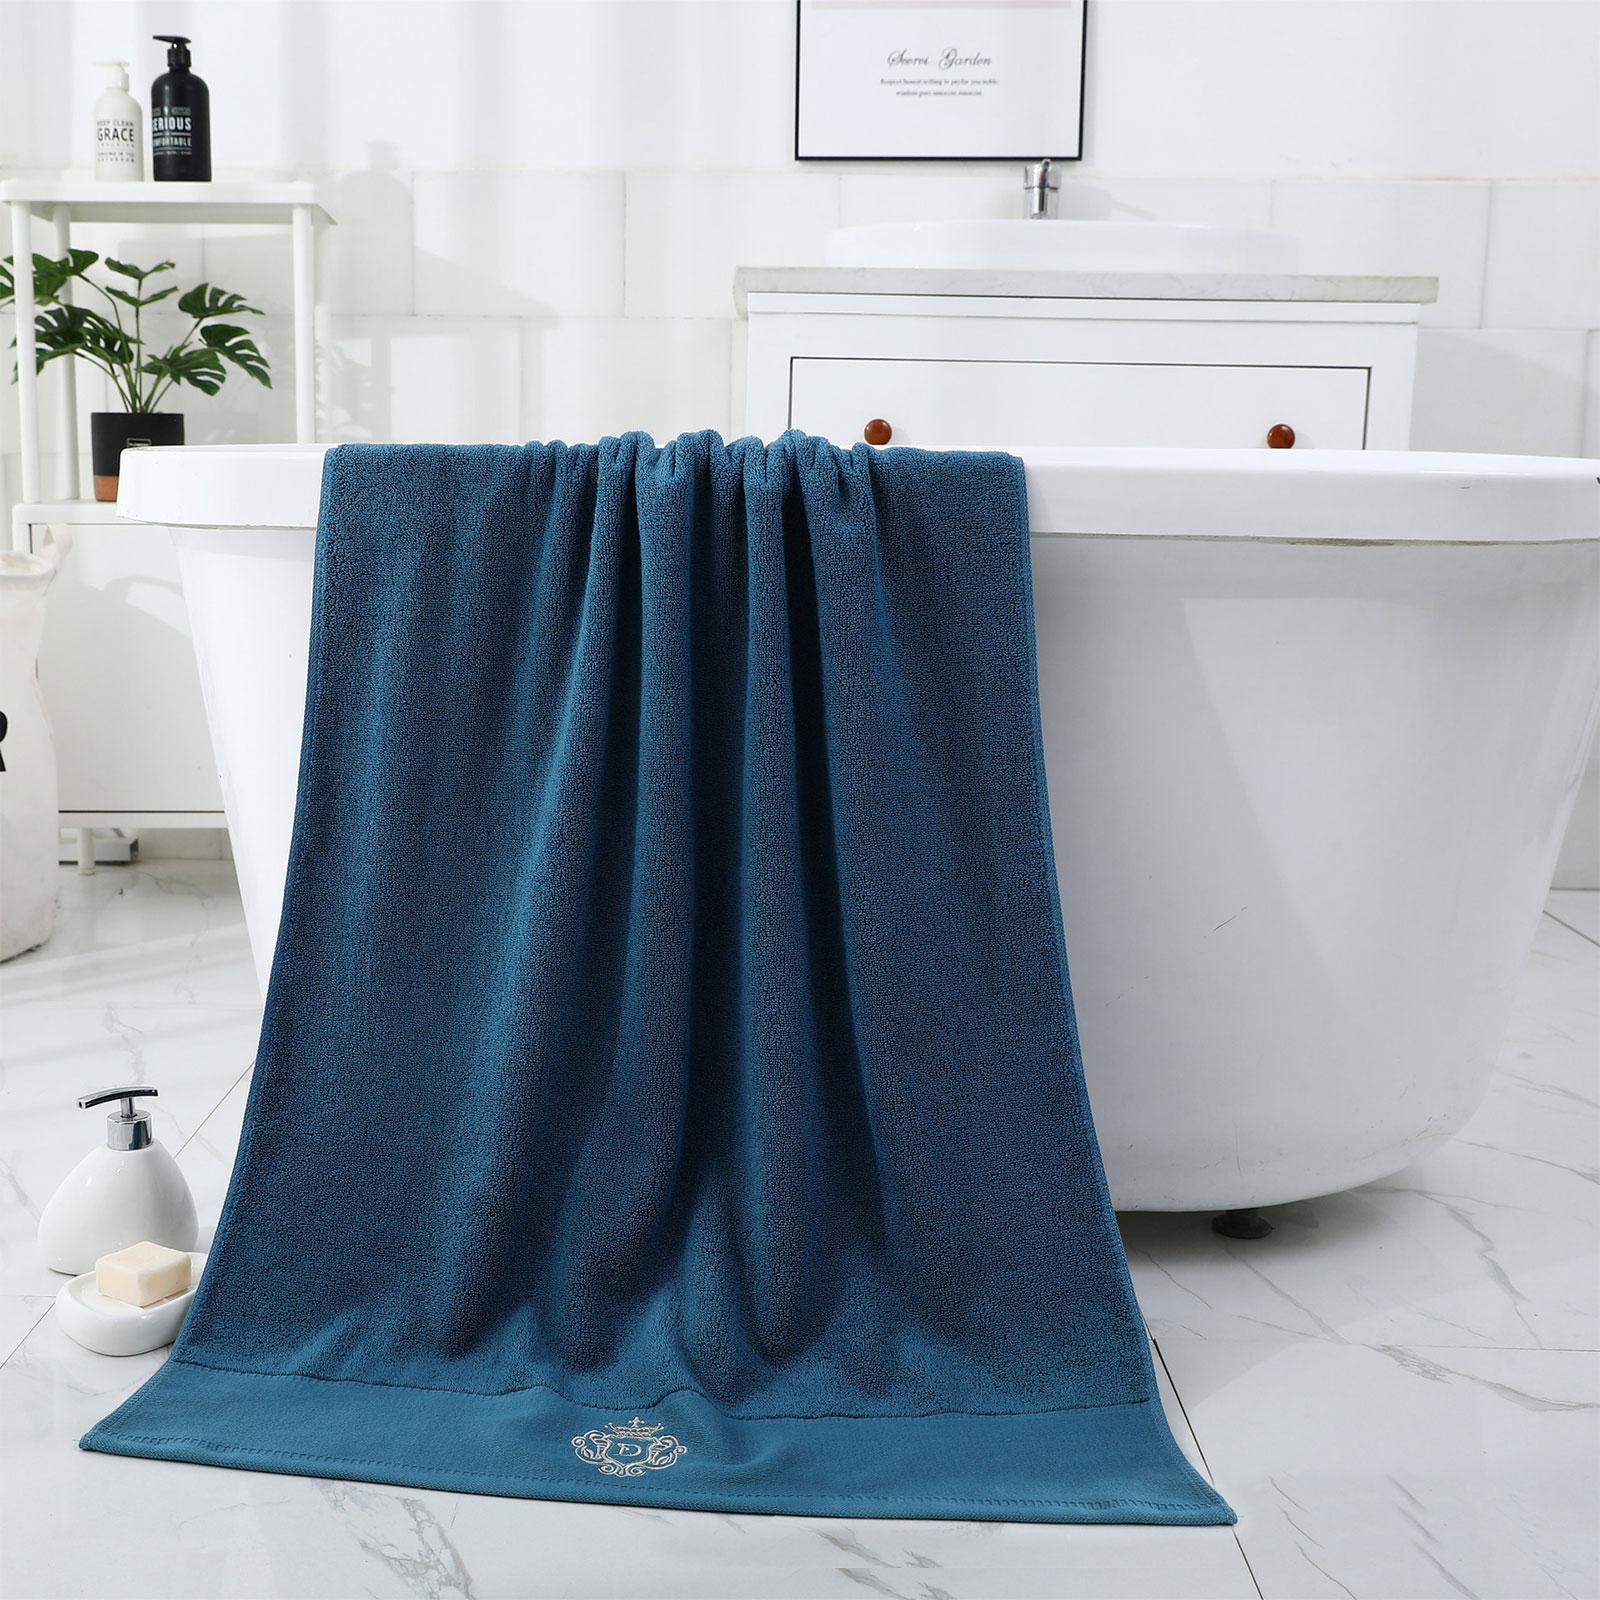 Toalha de praia high-end puro algodão hotel toalhas de banho grande toalha de banho uso doméstico uper tamanho cor sólida não-linting toalha